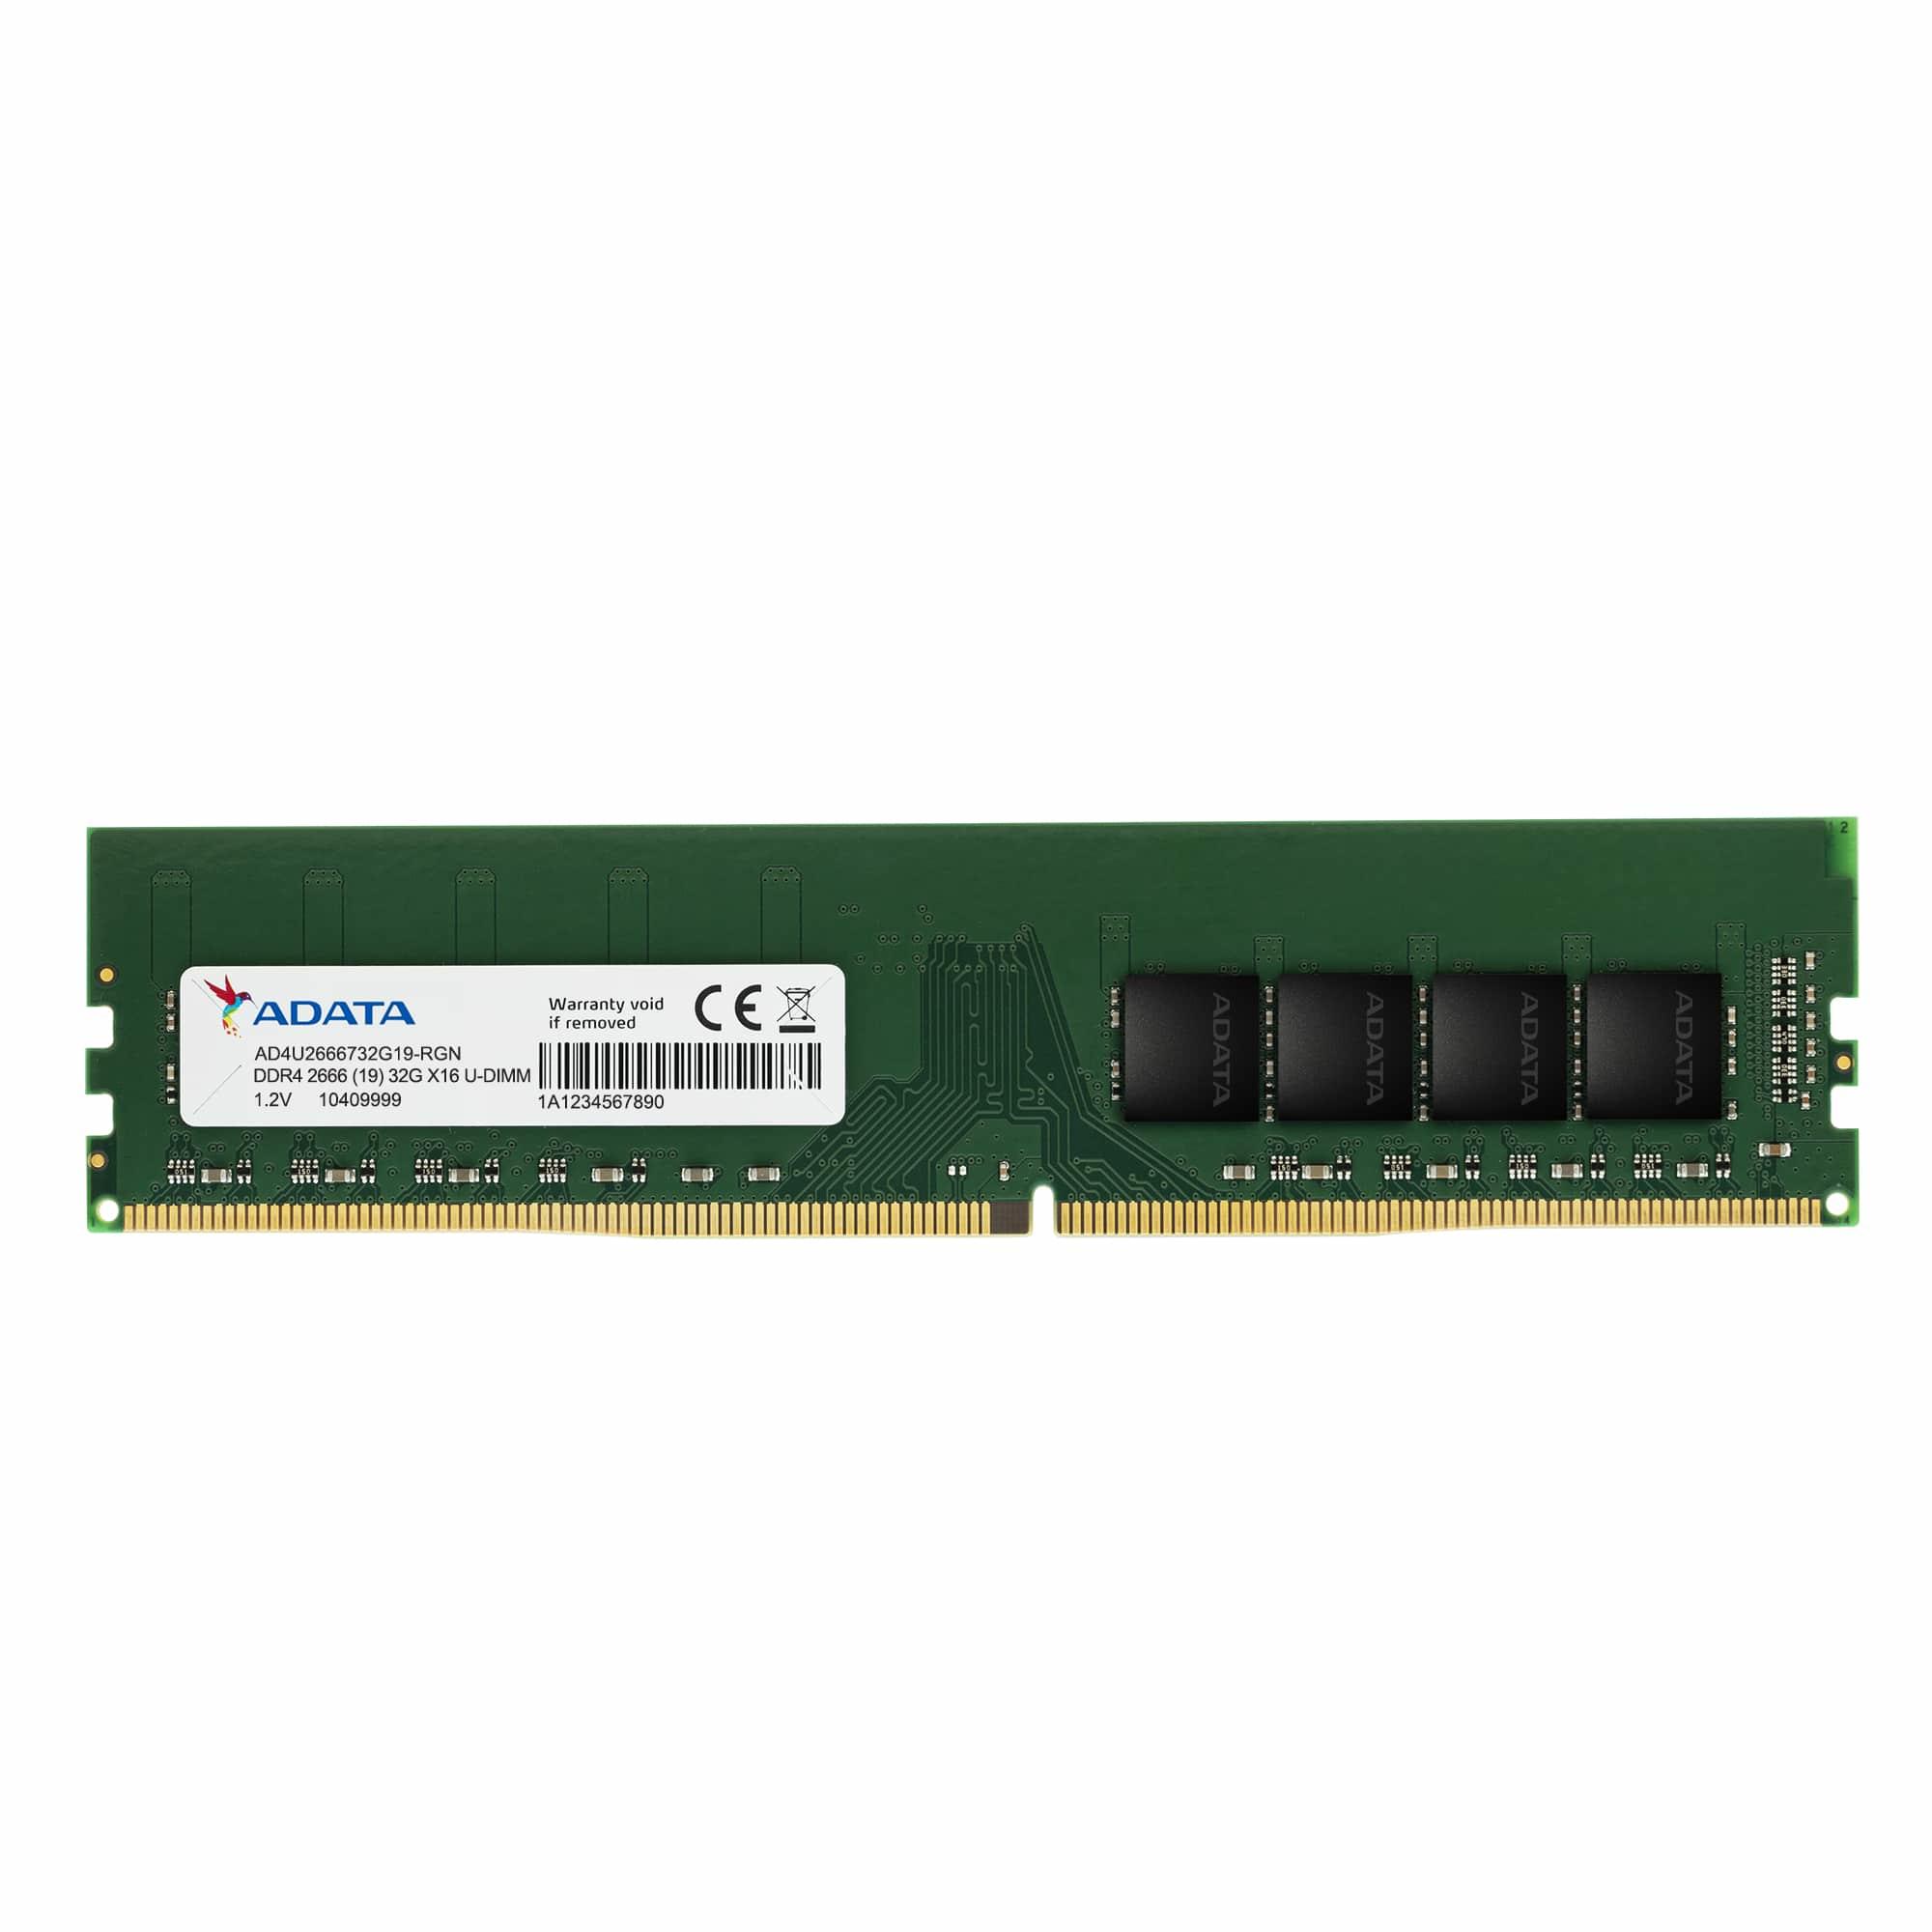 ADATA AD4U26664G19-SGN memory module 4 GB 1 x 4 GB DDR4 2666 MHz